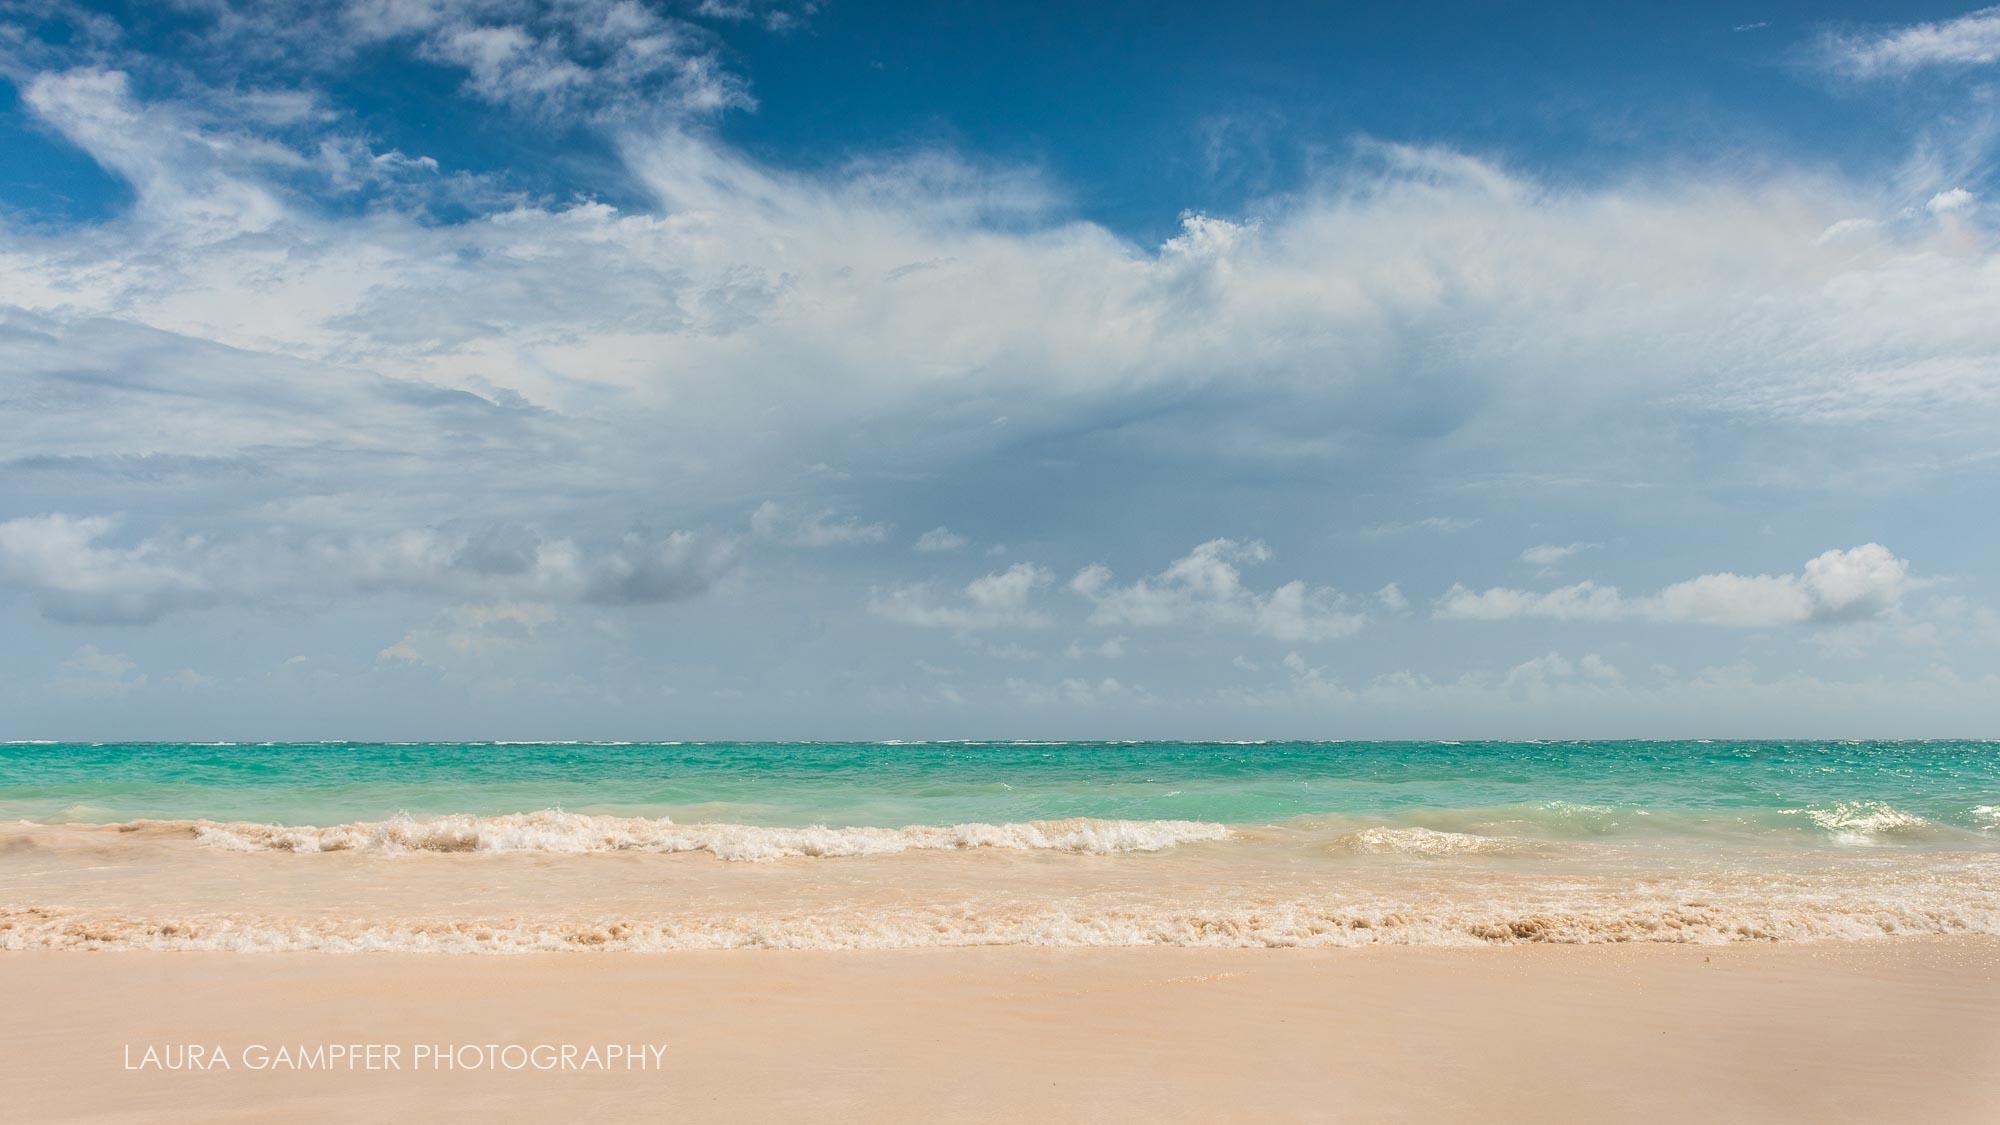 midwest-landscape-beach-photographer